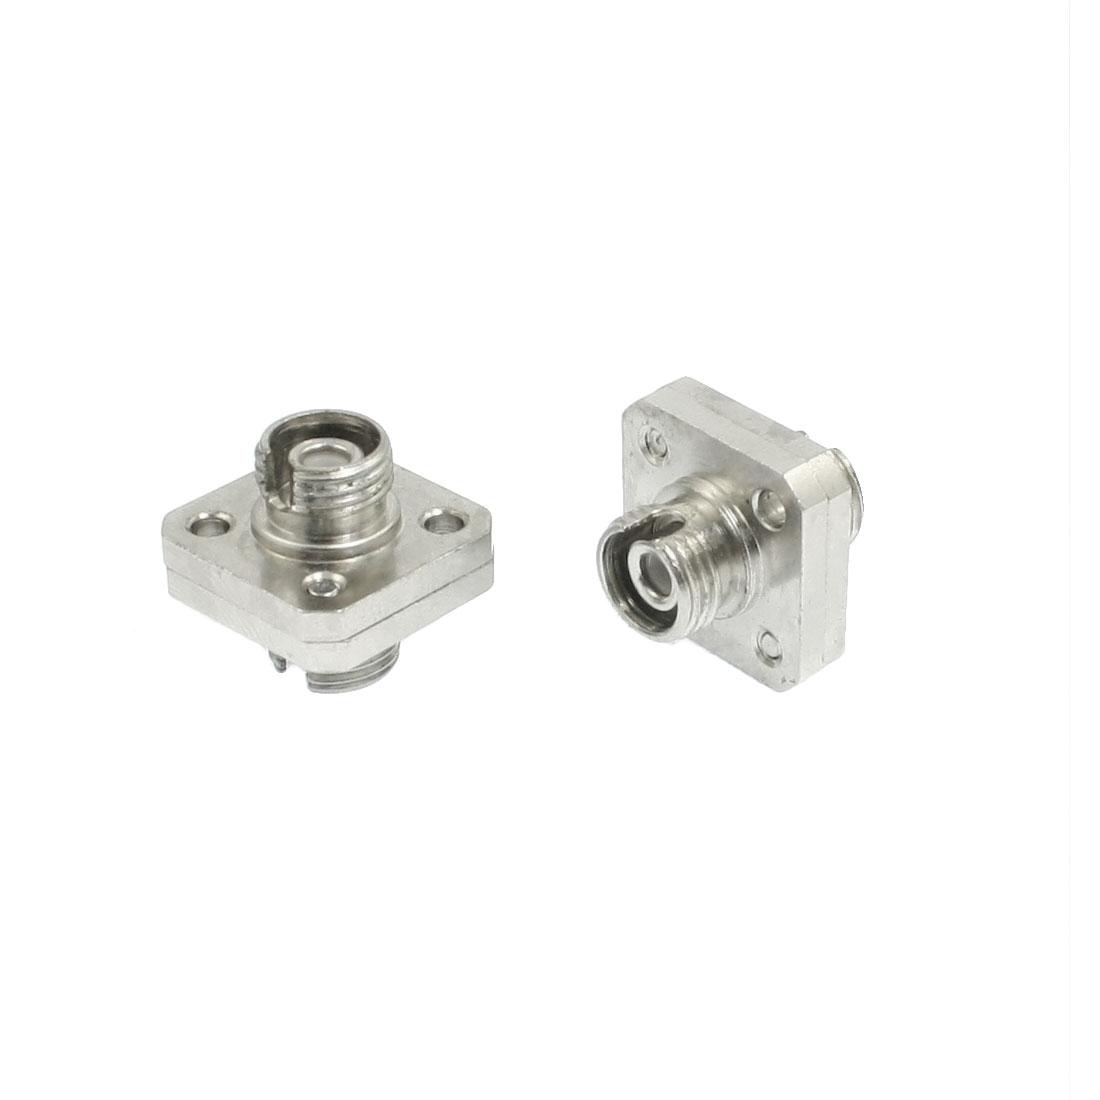 15mm x 15mm Flange Type FC Fixed Fiber Optic Attenuator Adapter 2Pcs